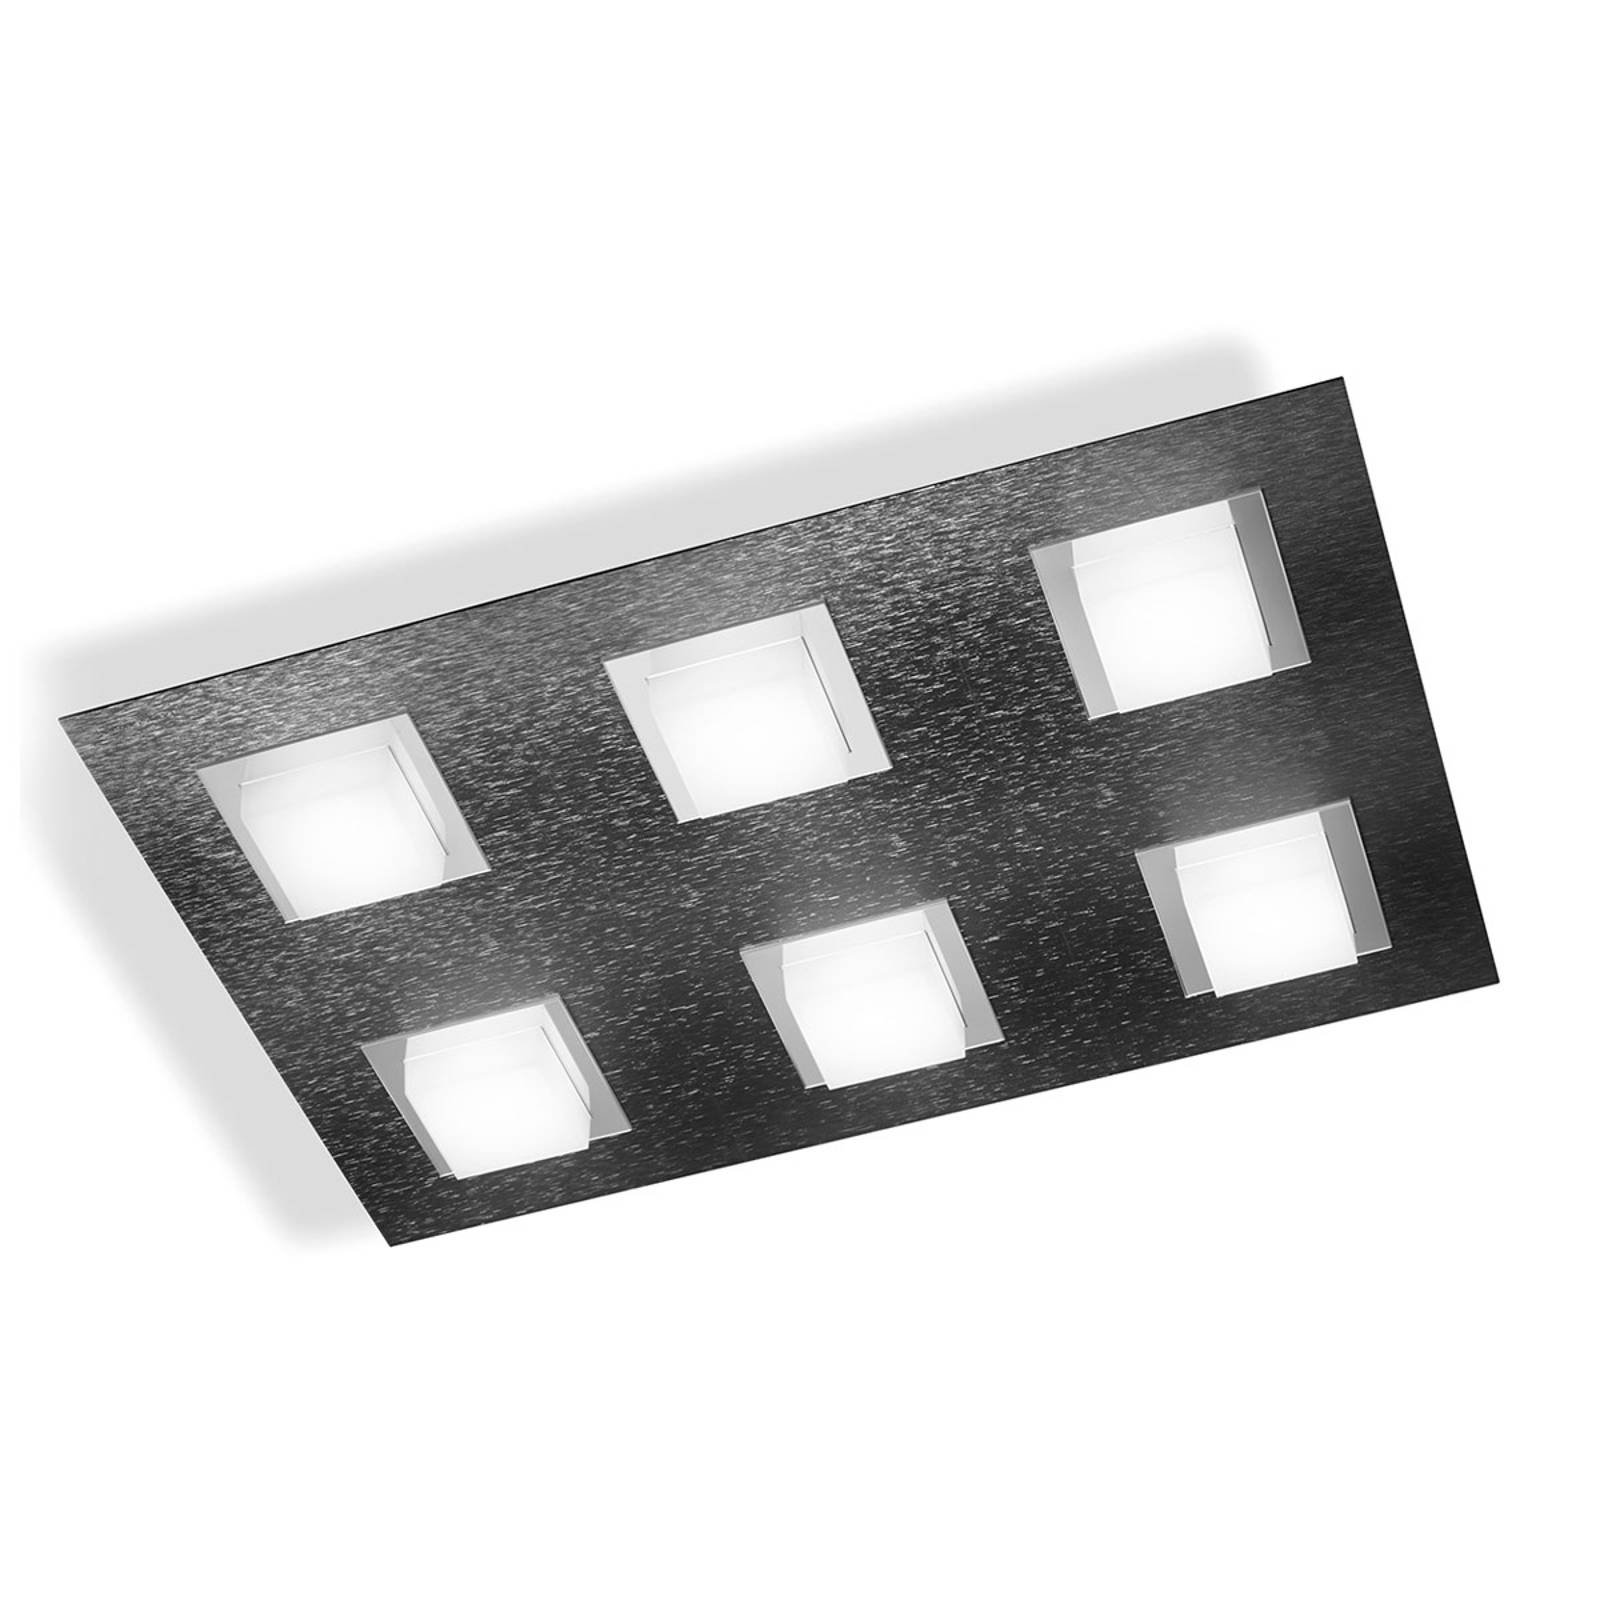 GROSSMANN Basic LED-taklampe 6lk., antrasitt